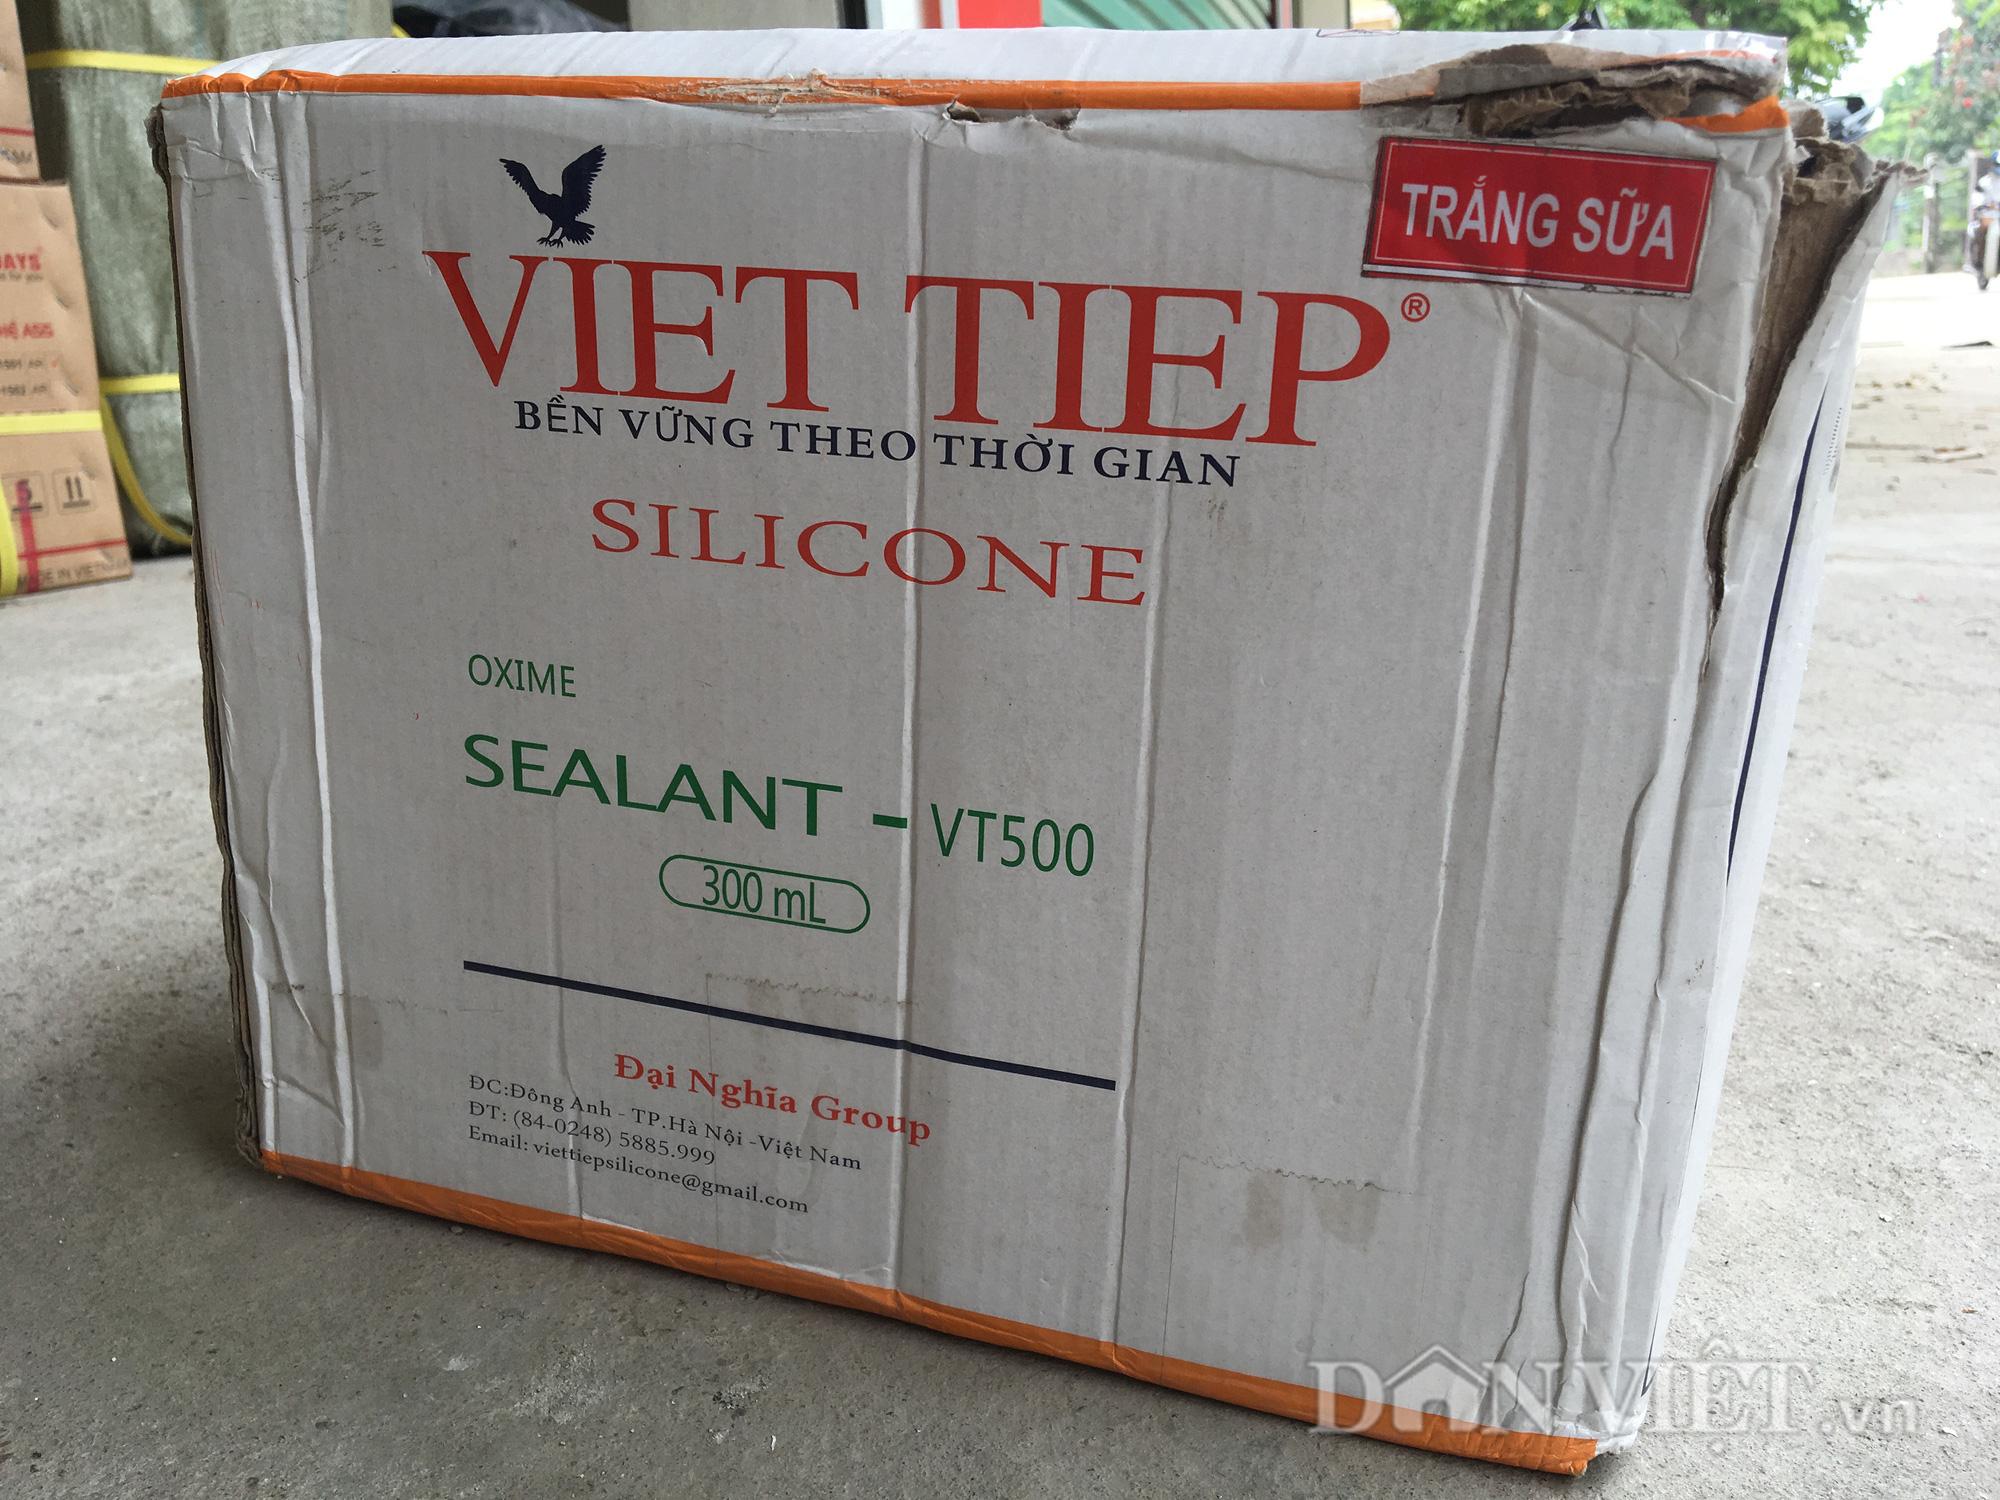 """Silicone Việt Tiệp bán """"keo chết"""" cho khách hàng? - Ảnh 2."""